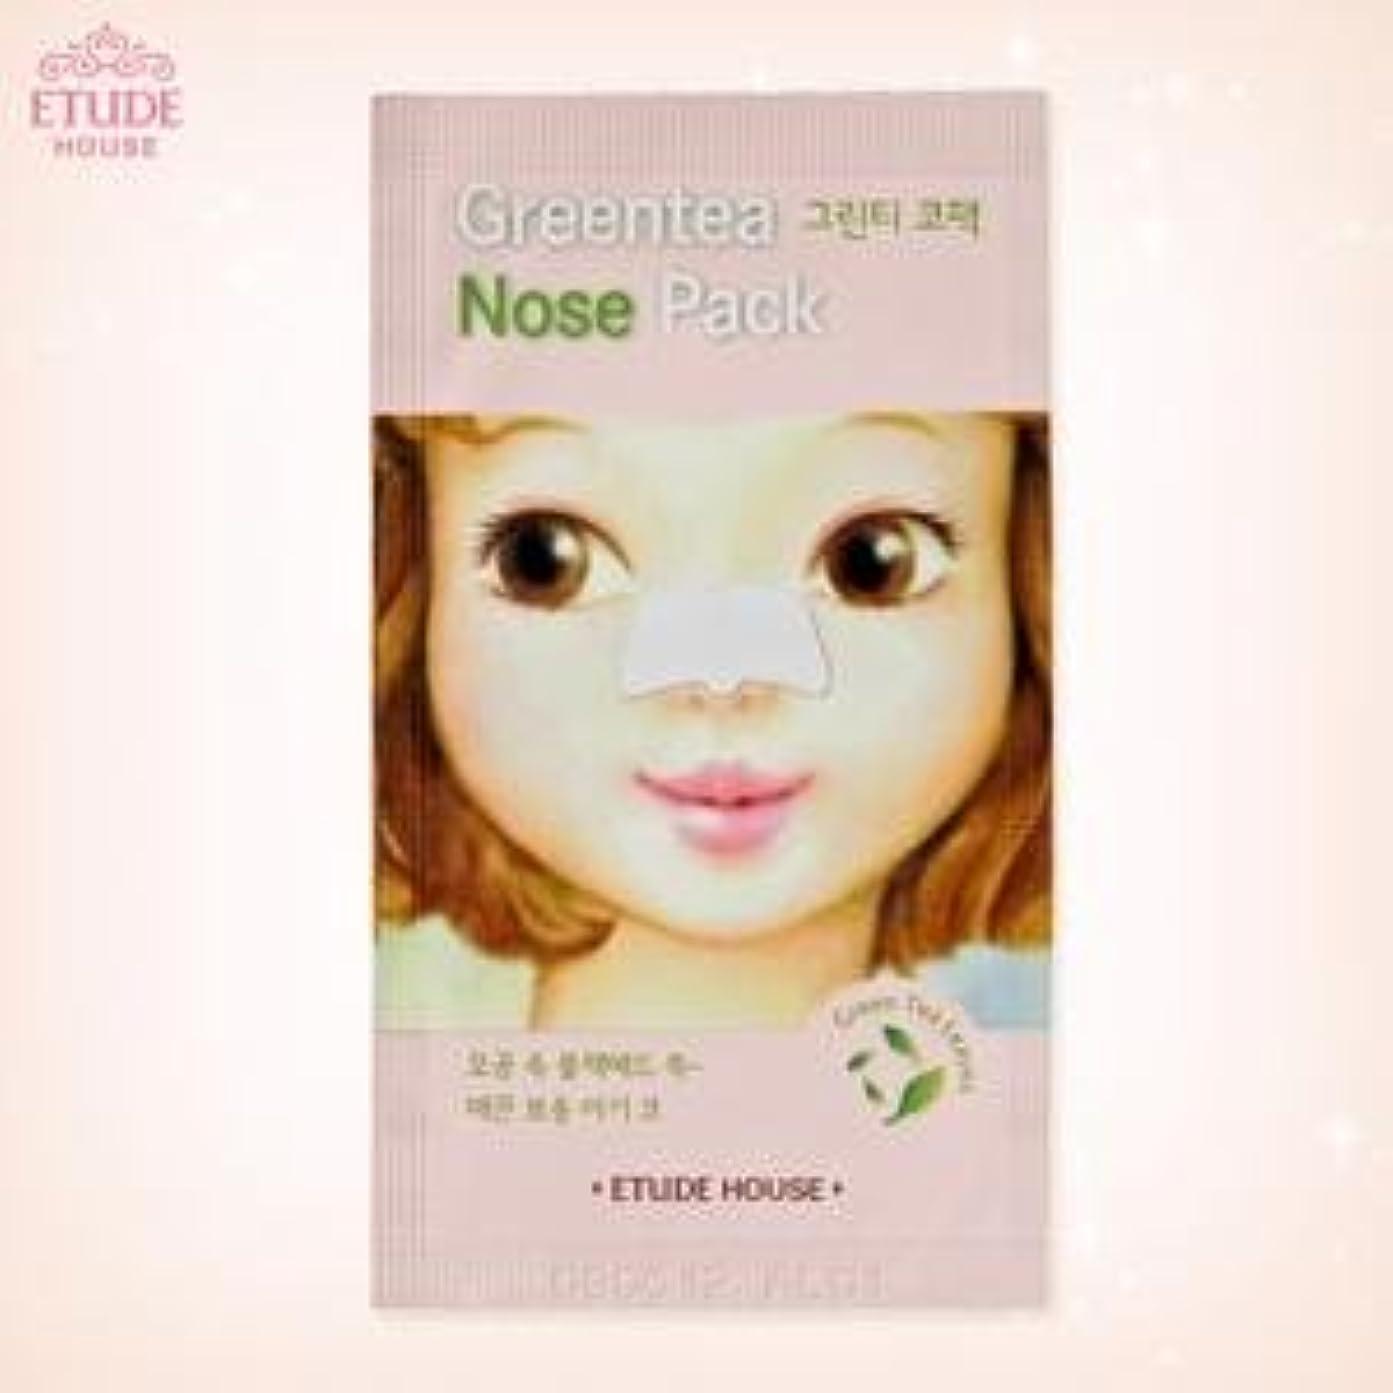 変わる解釈するジョブエチュードハウス グリーンティー ノーズパック[Greentea Nose Pack]鼻専用パック